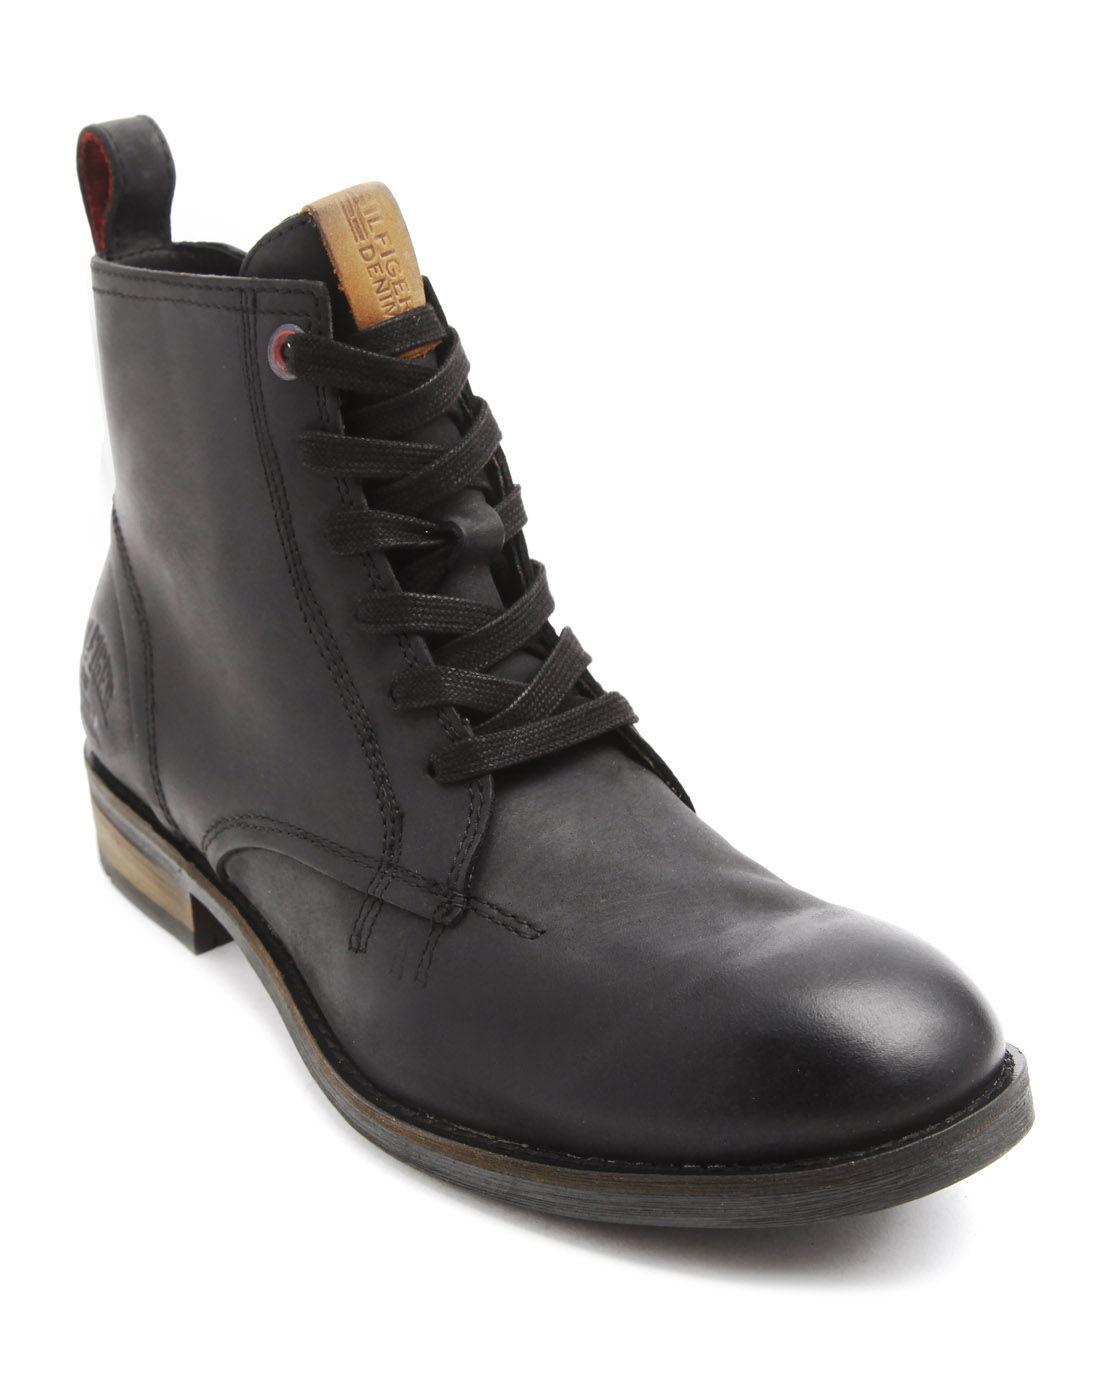 tommy hilfiger darren black zipped boots in black for men. Black Bedroom Furniture Sets. Home Design Ideas